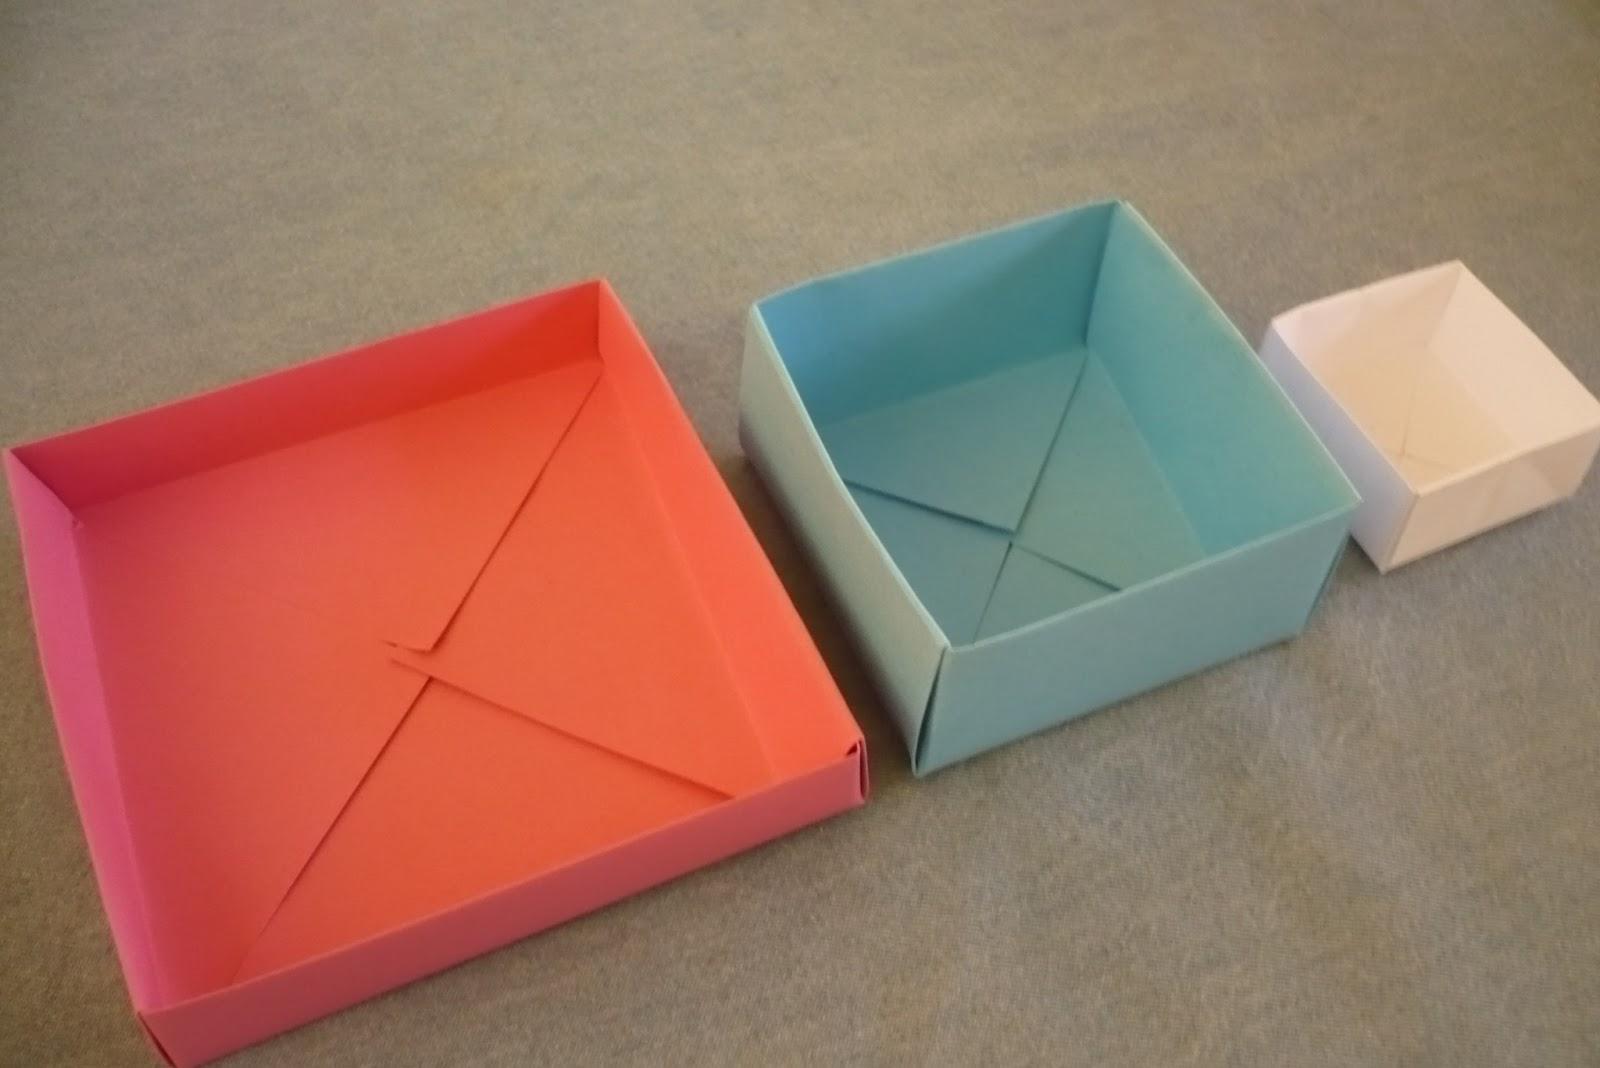 Criações Caseiras Origami Caixas E Caixinhas